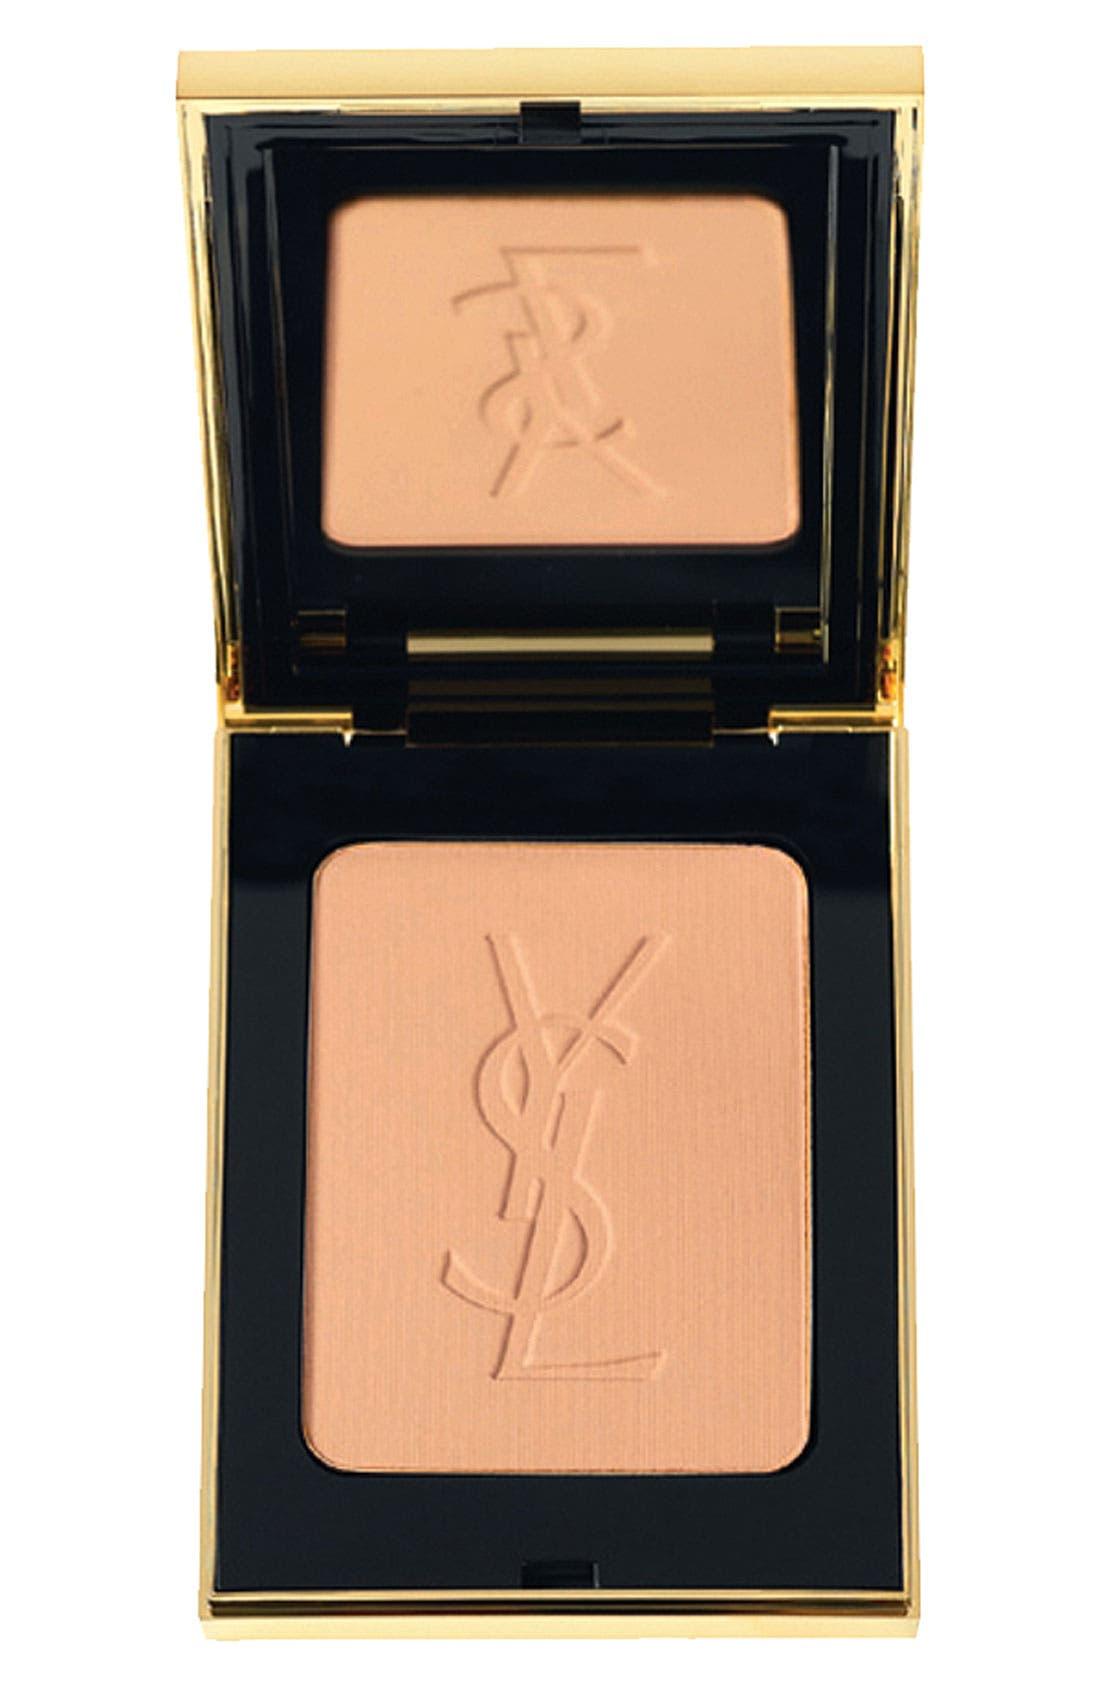 Yves Saint Laurent Poudre Compacte Radiance Setting Powder - No 3 Beige